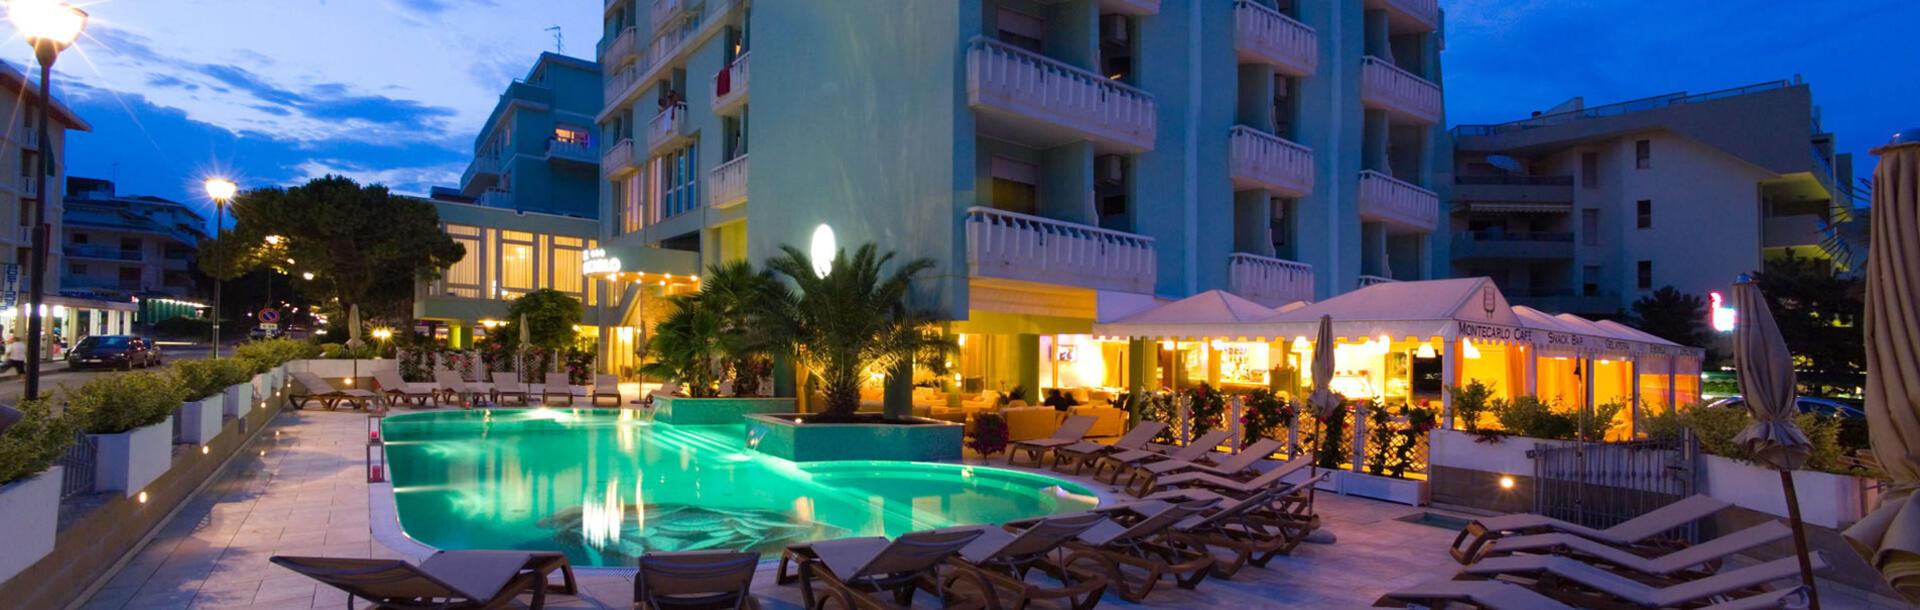 hotel-montecarlo de fotogallery 013